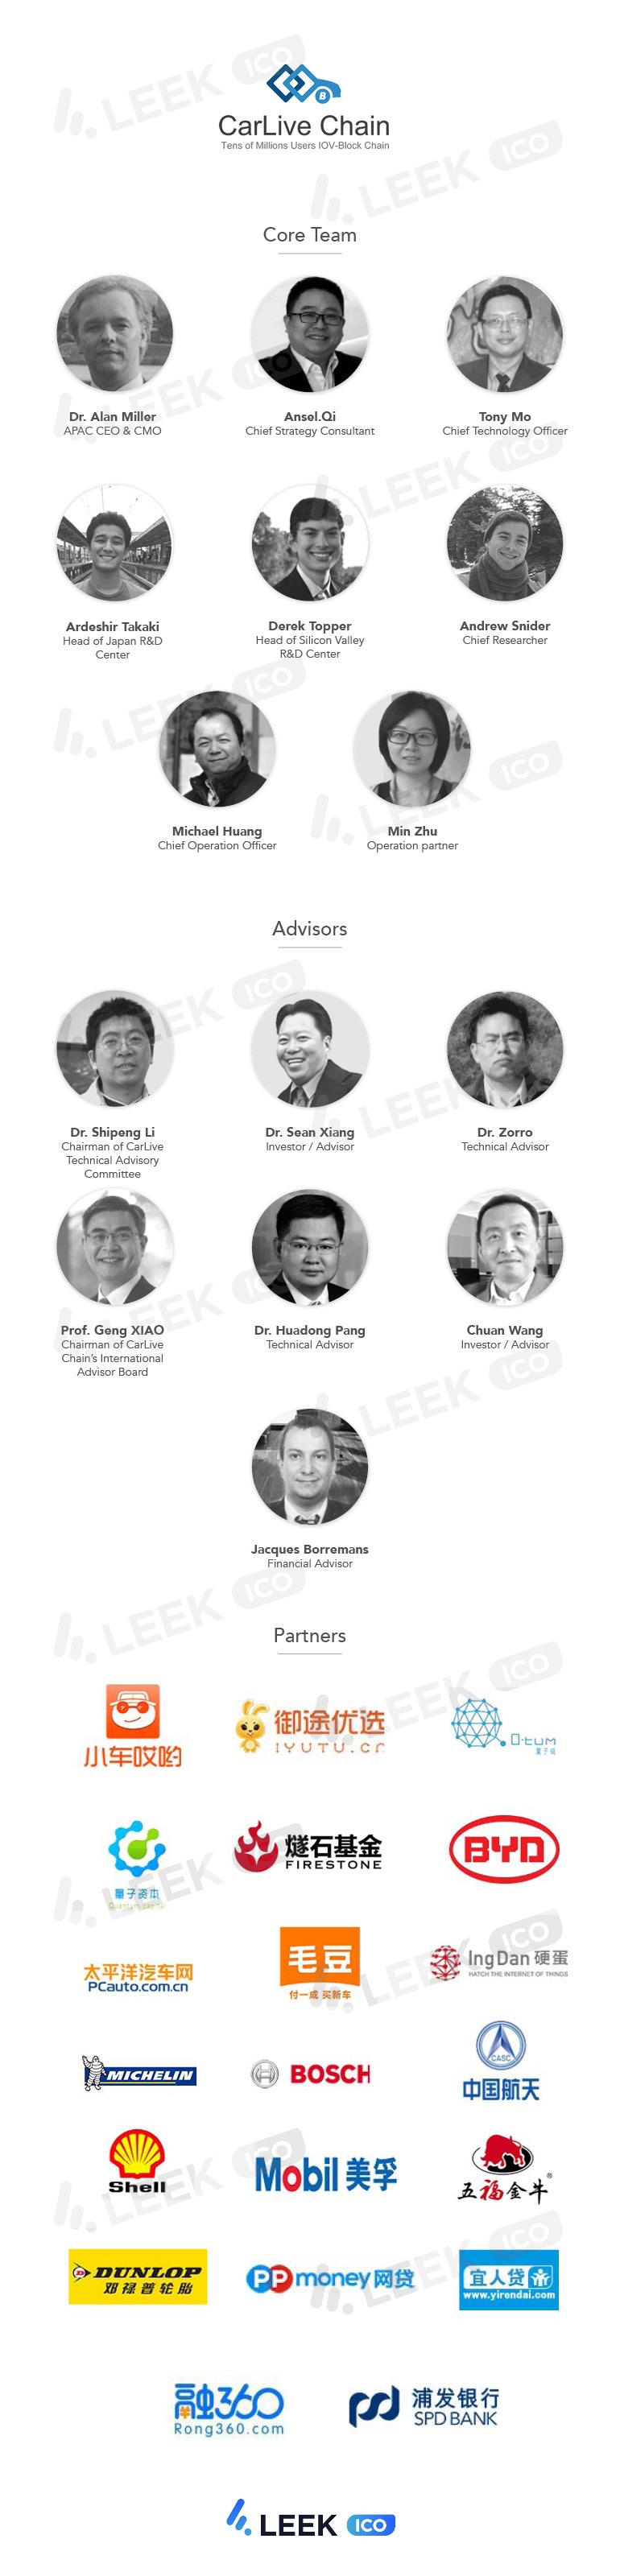 WeChat Image_20180613185025.jpg